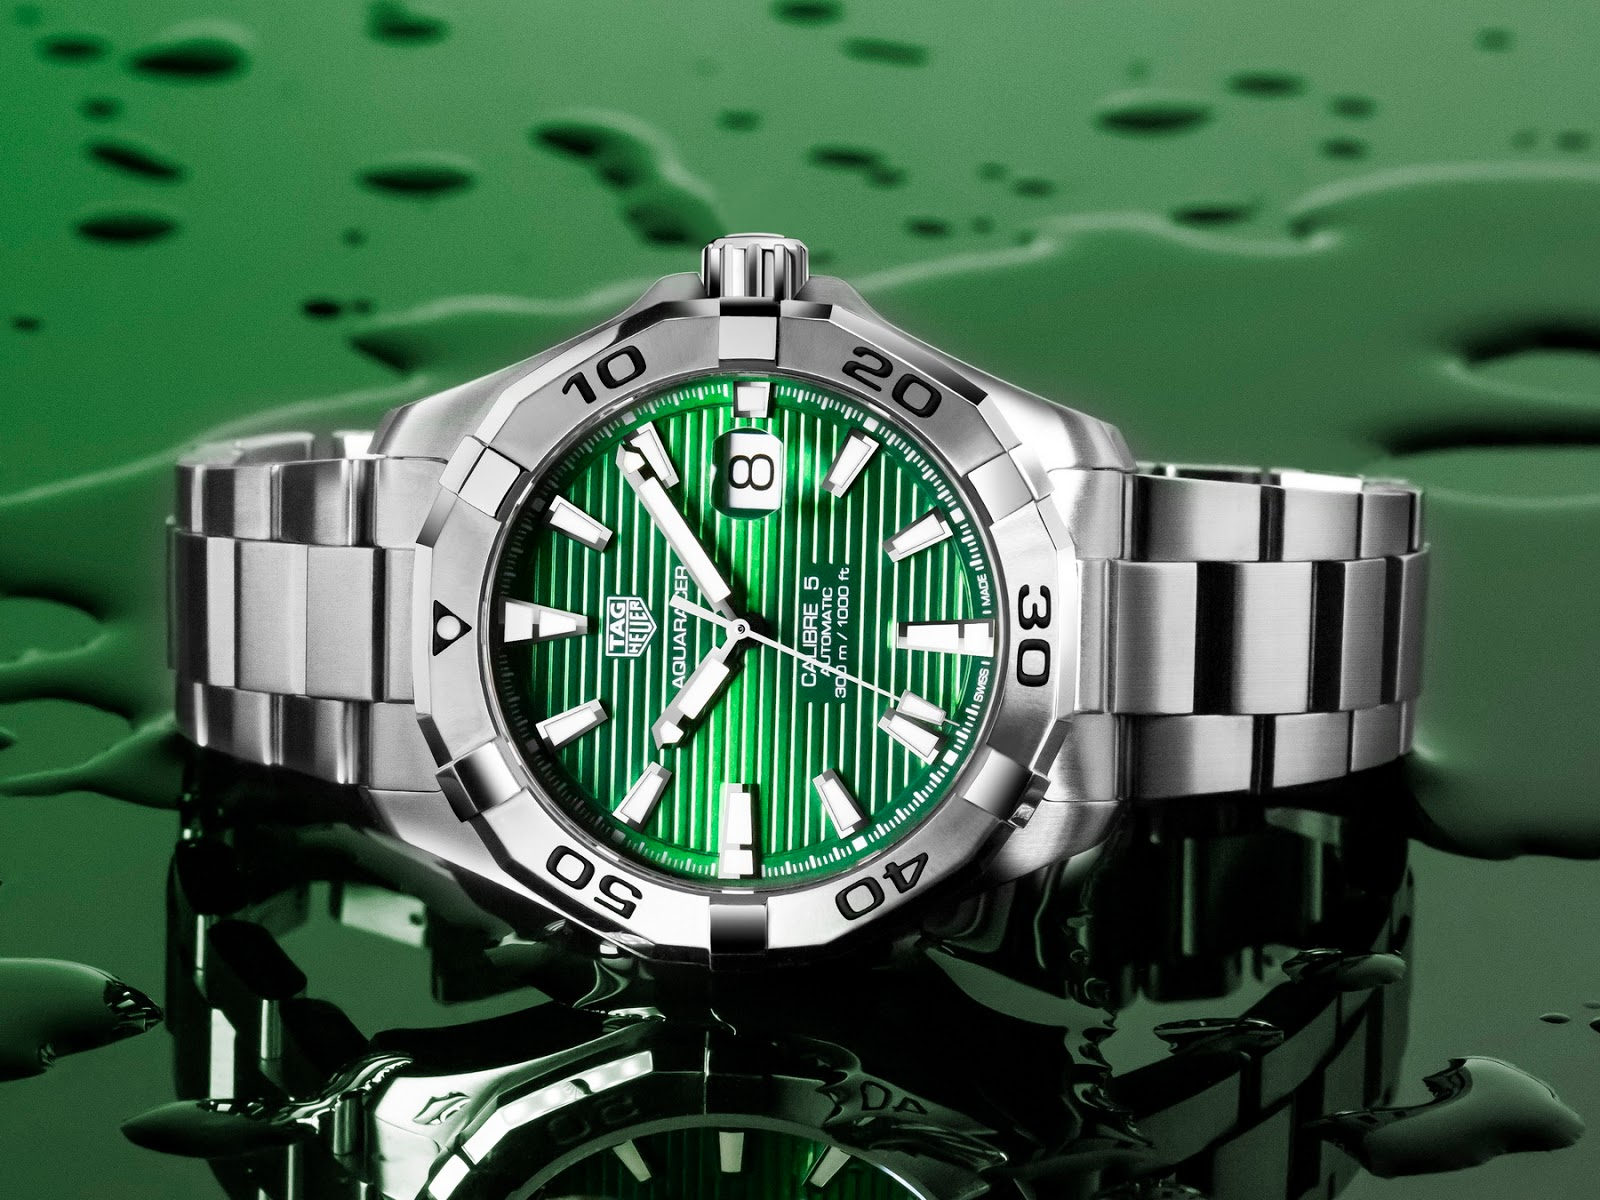 Tag Heuer's new Emerald Green Aquaracers TAG+Heuer+Aquracer+EMERALD+07